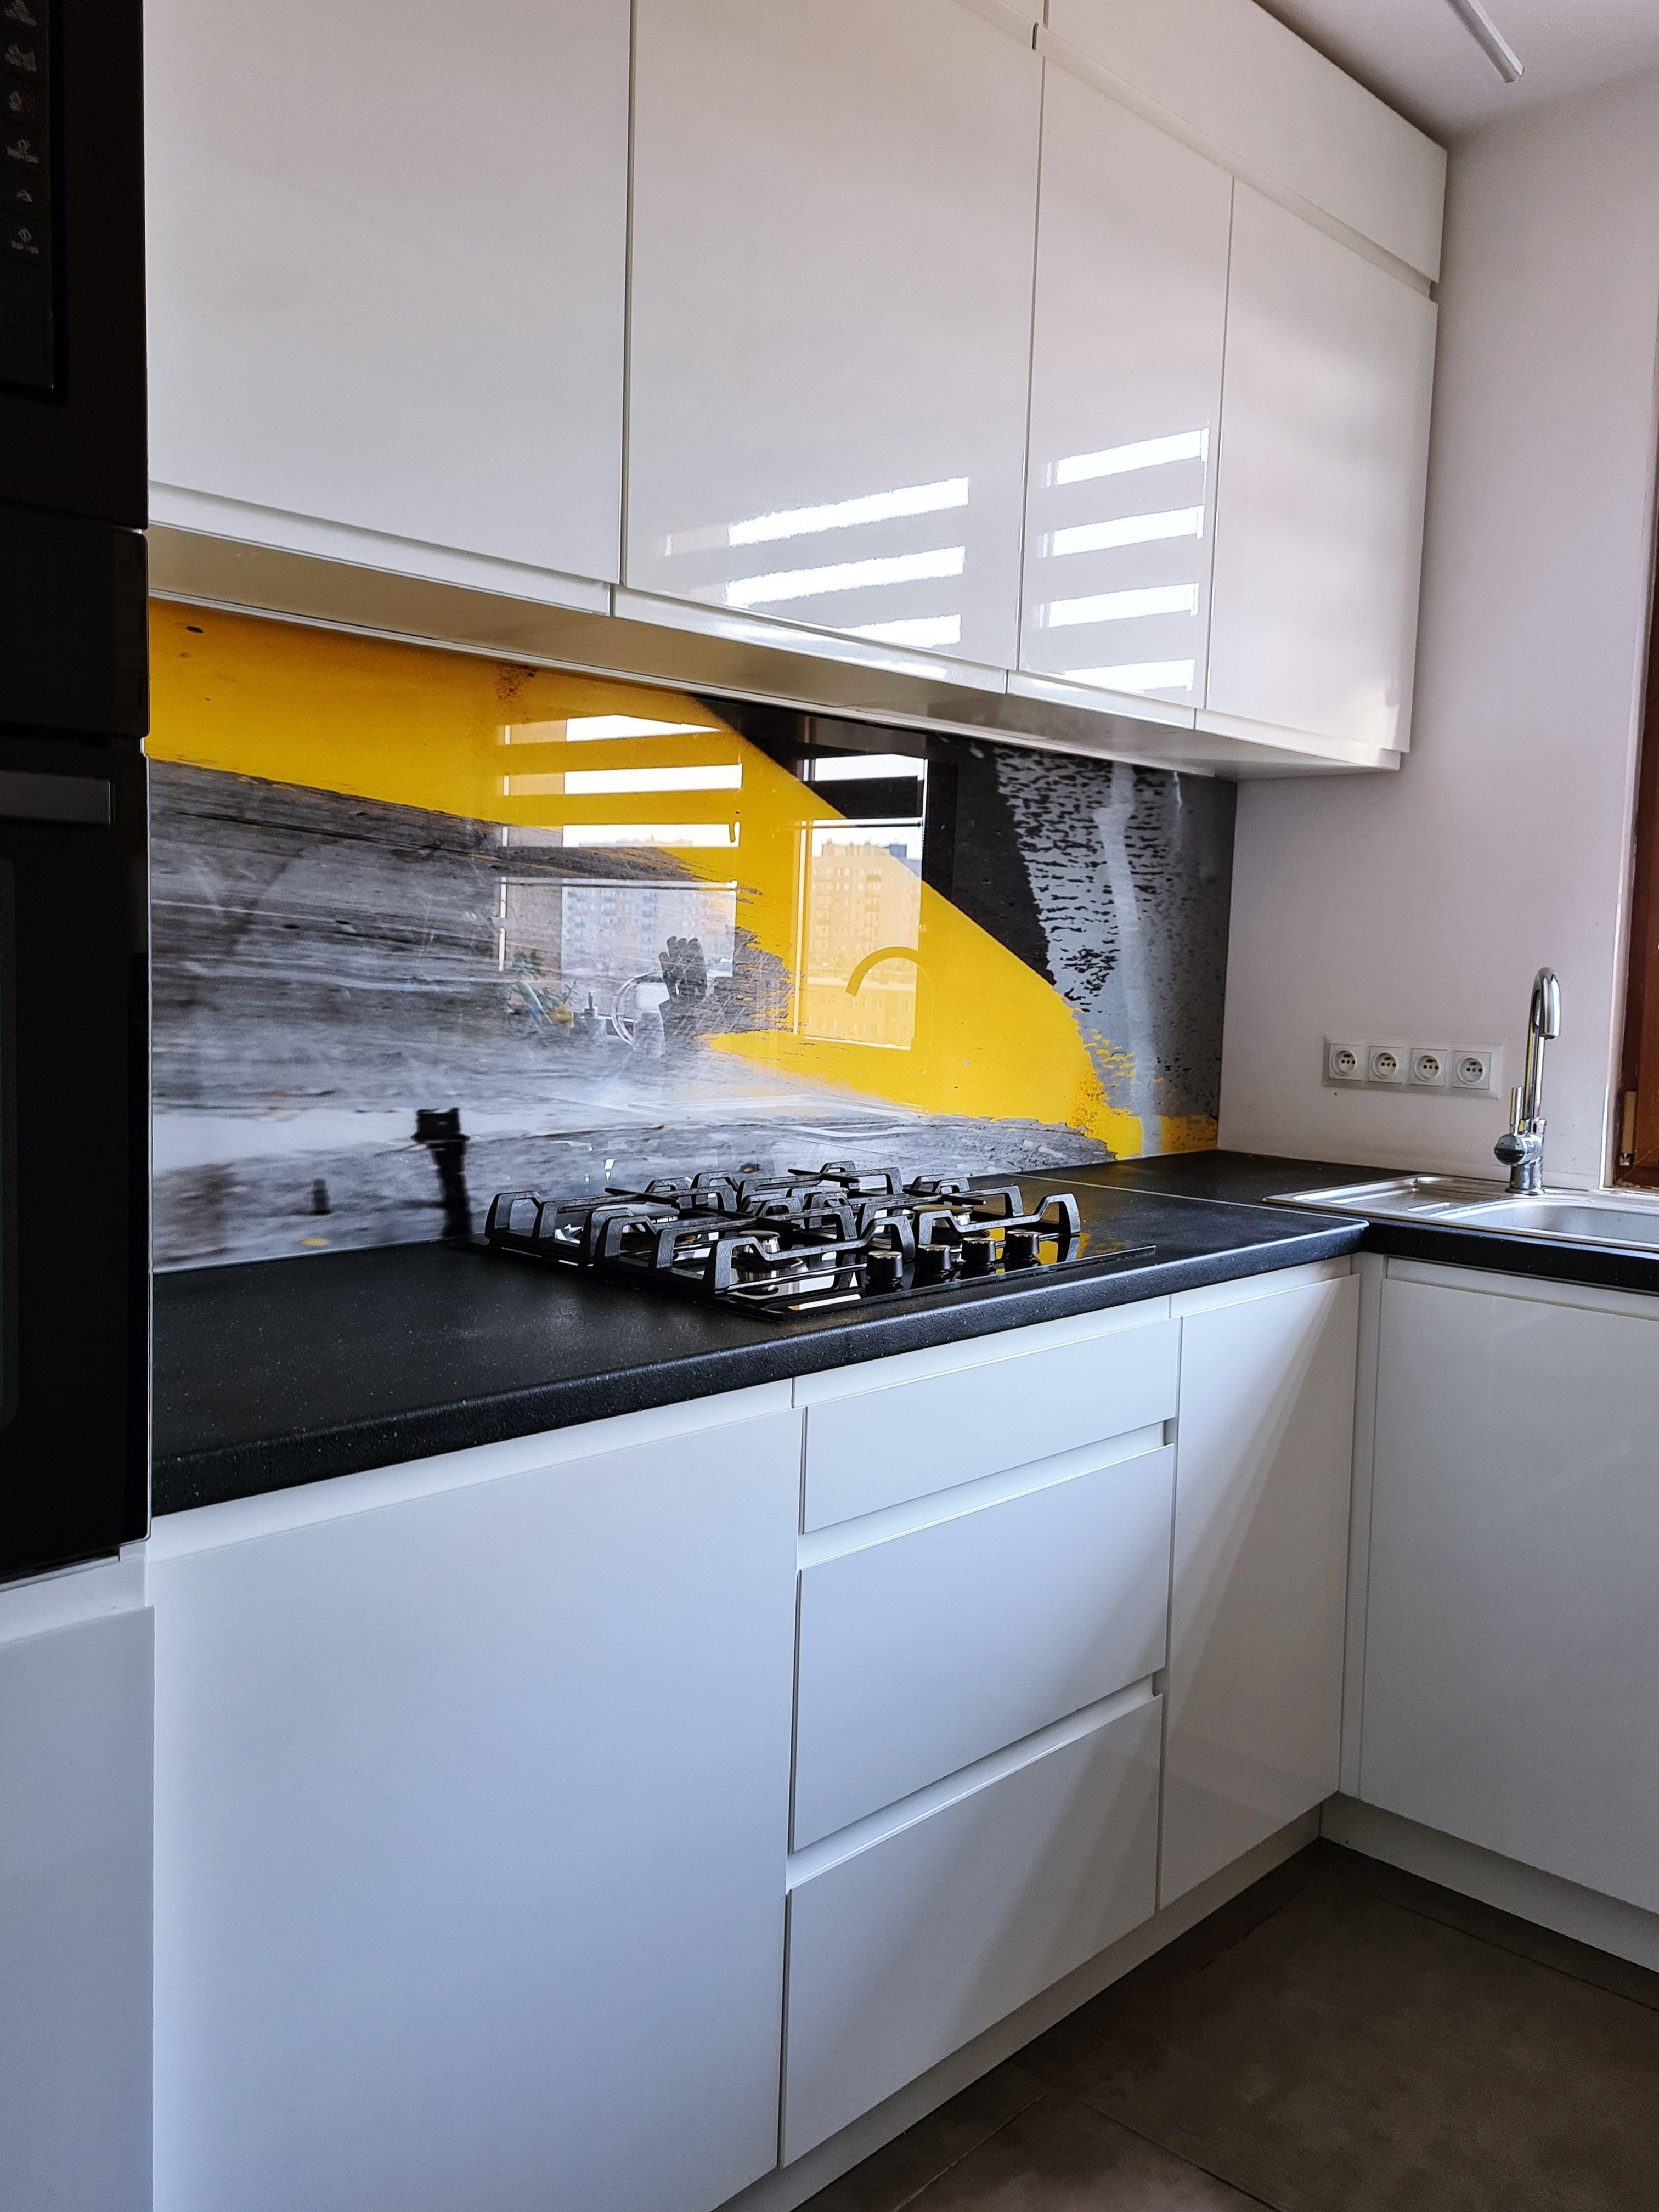 Nowoczesny Panel Szklany Wydruk Na Szkle Kuchnia Wystroj Dekoracja Inspiracja Design Szklo Decor Home Home Decor